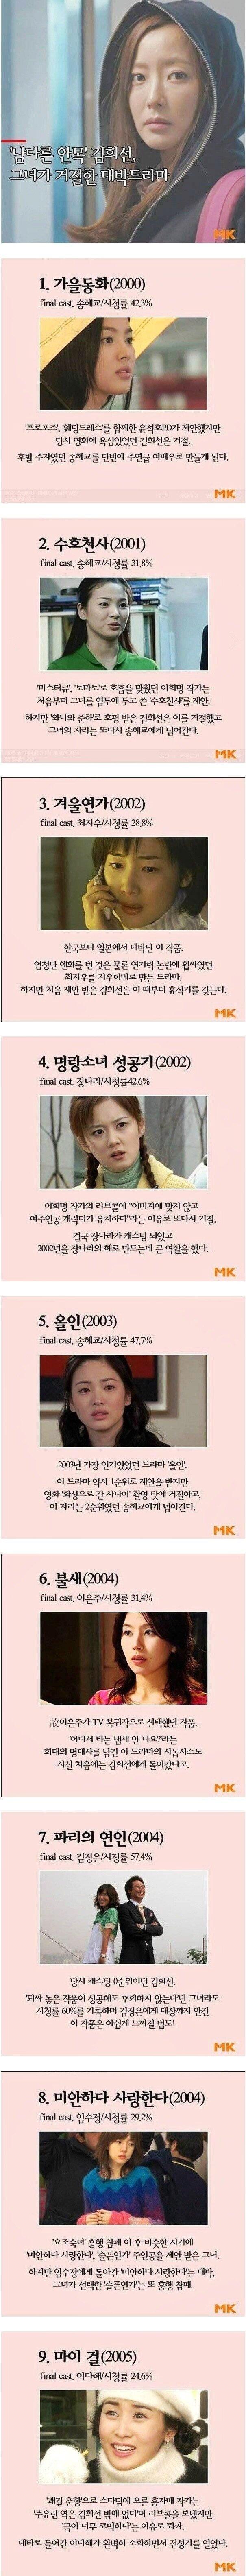 김희선이 거절한 드라마 스케일